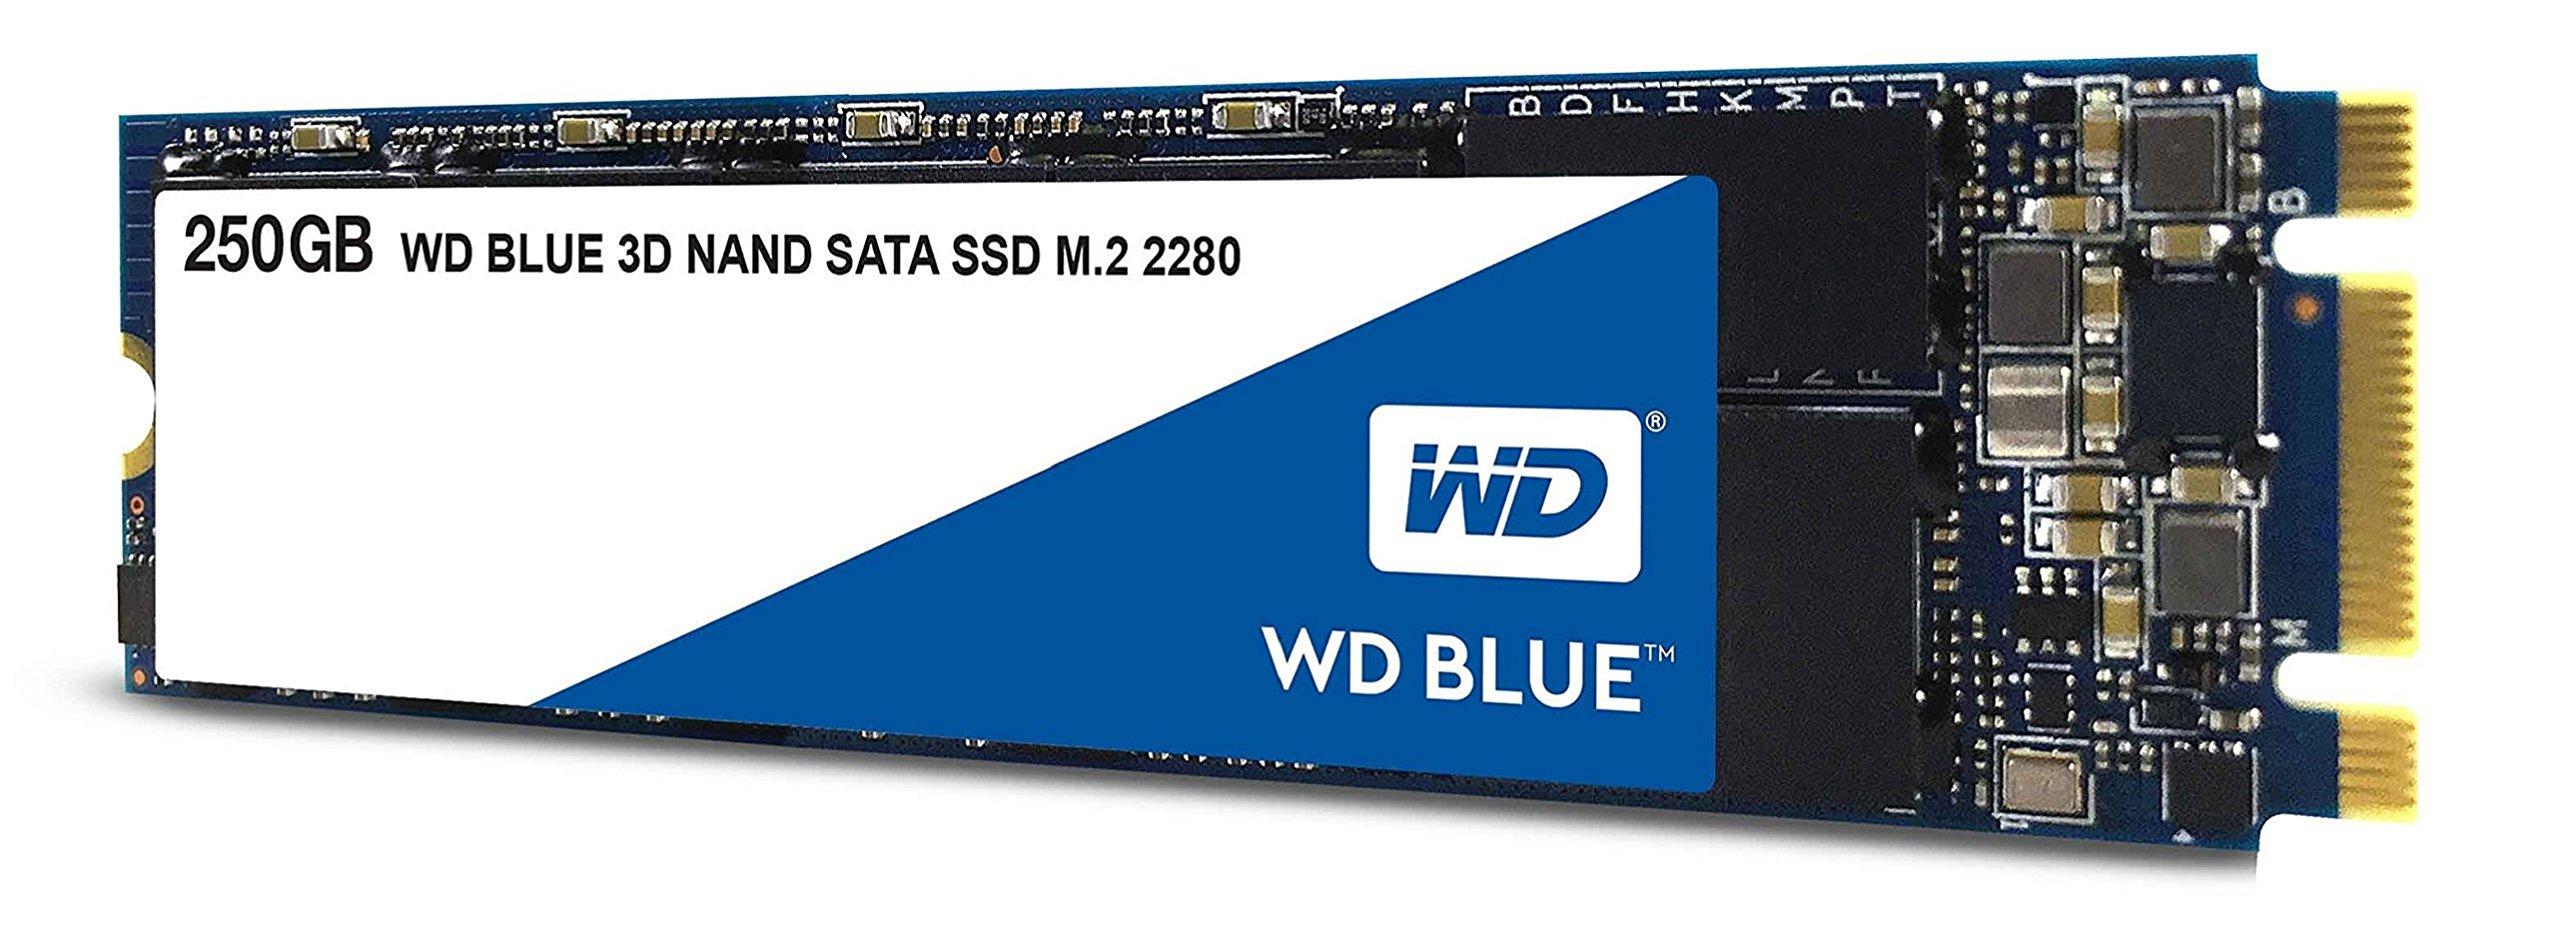 WD Blue 3D NAND 250GB PC SSD - SATA III 6 Gb/s M.2 2280 Solid State Drive - WDS250G2B0B by Western Digital